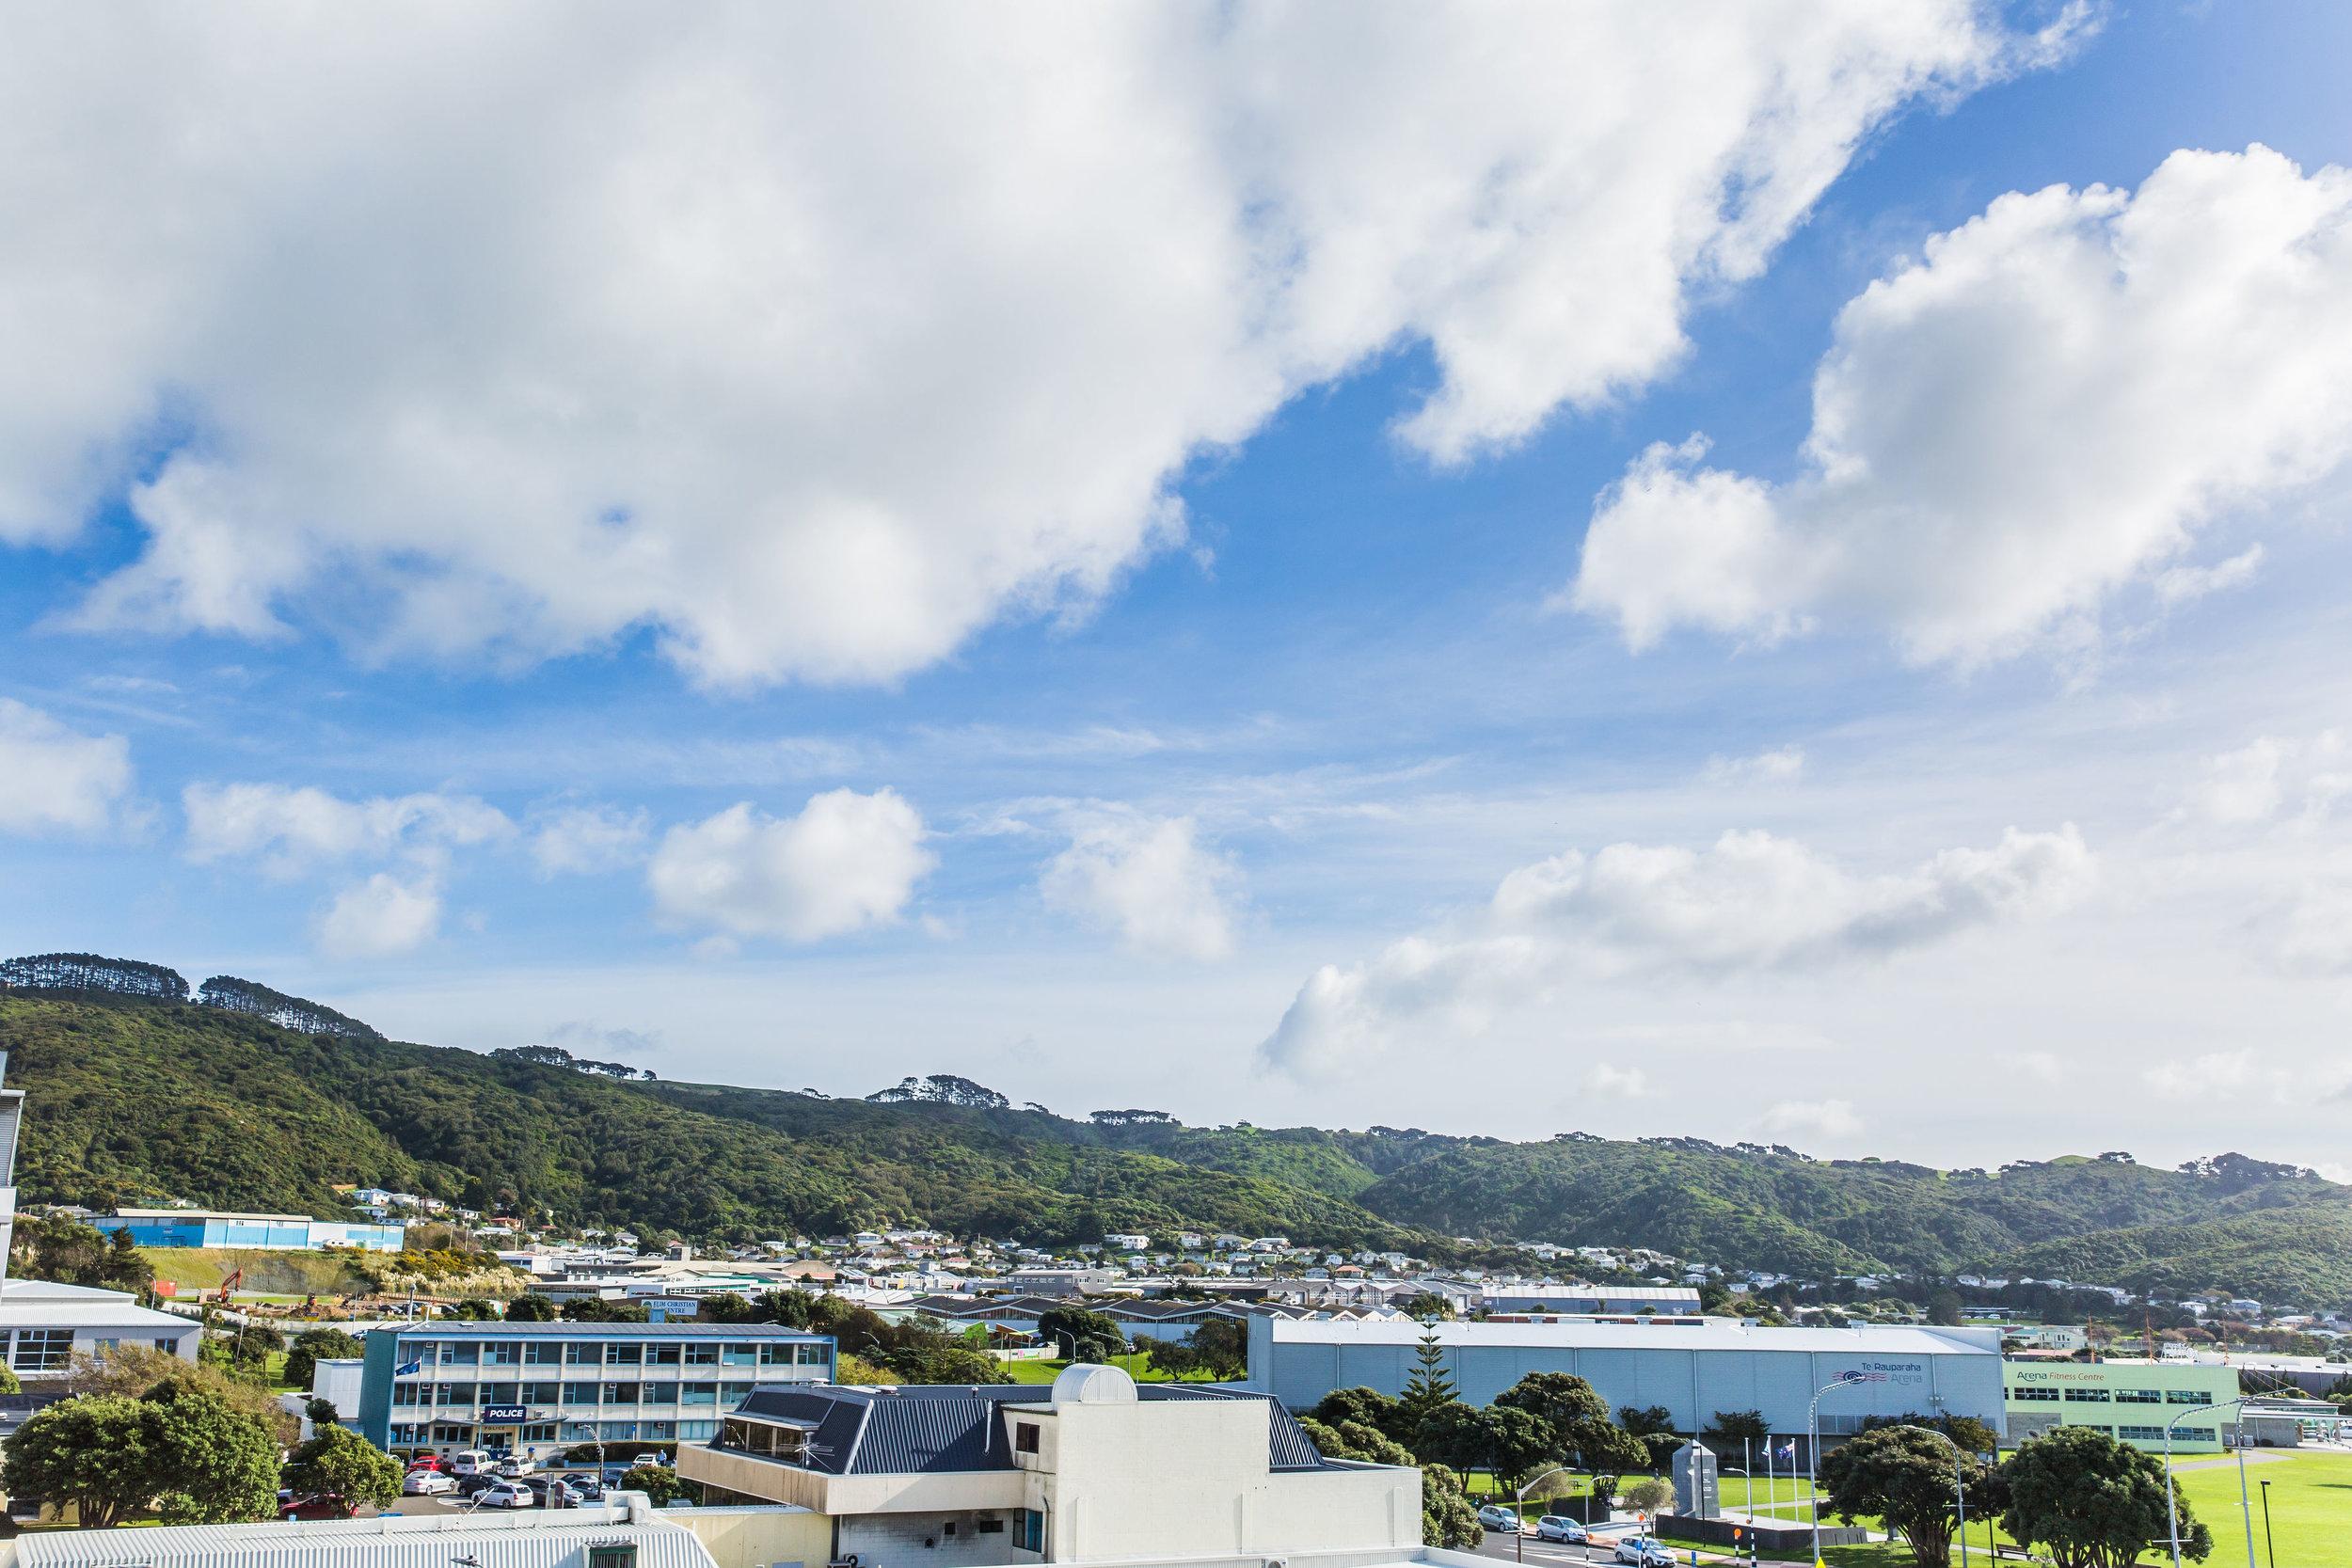 The View - Te Rauparaha Arena